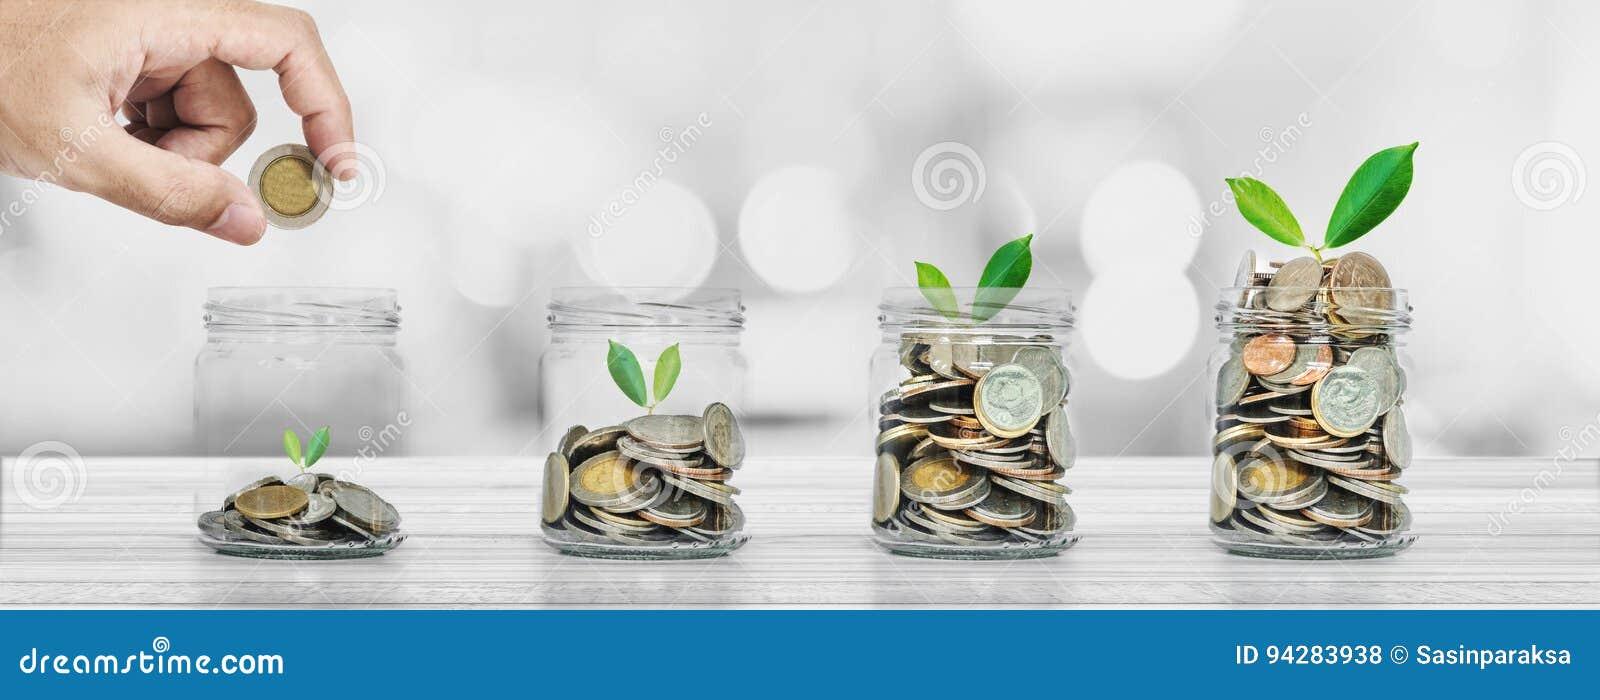 Oszczędzanie pieniądze i inwestycj pojęcia, ręki kładzenia moneta w szklanych butelkach z rośliien jarzyć się